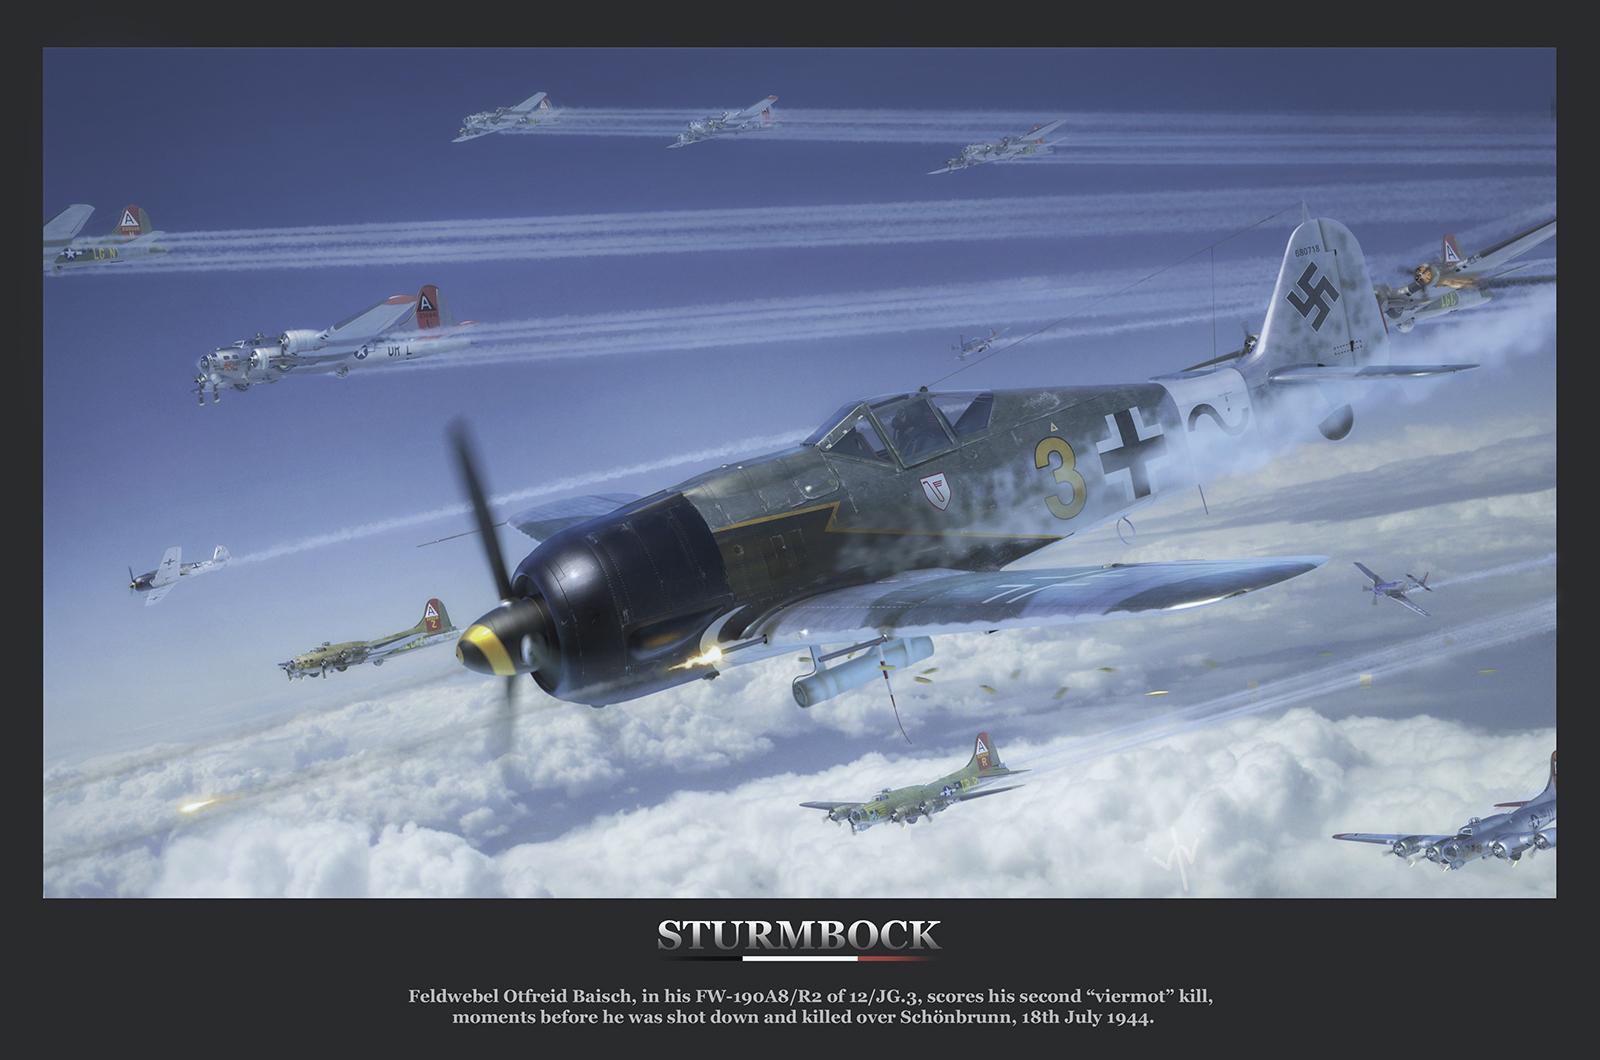 Sturmbock